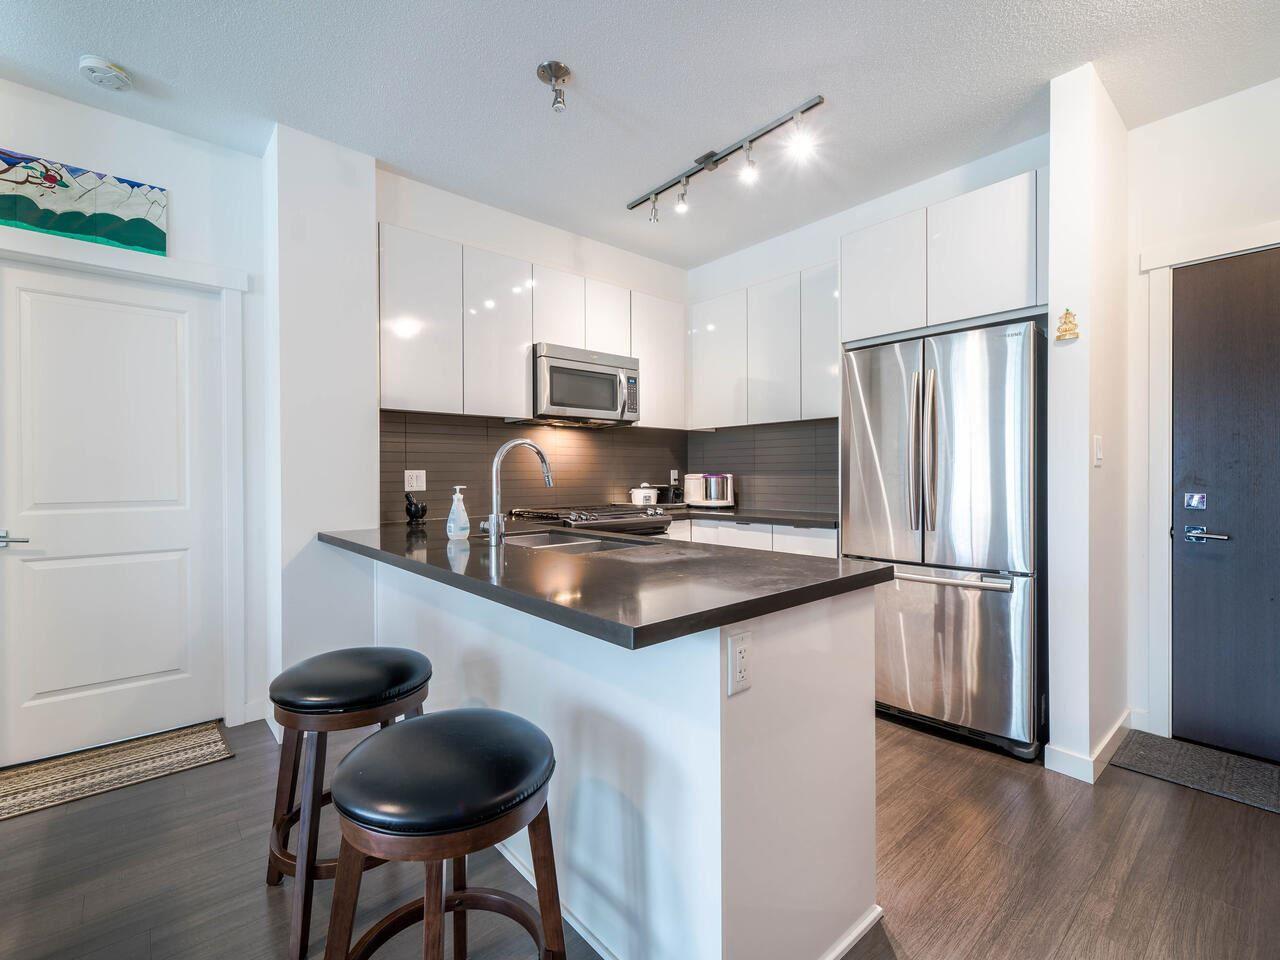 """Photo 2: Photos: 211 15168 33 Avenue in Surrey: Morgan Creek Condo for sale in """"ELGIN HOUSE"""" (South Surrey White Rock)  : MLS®# R2501383"""